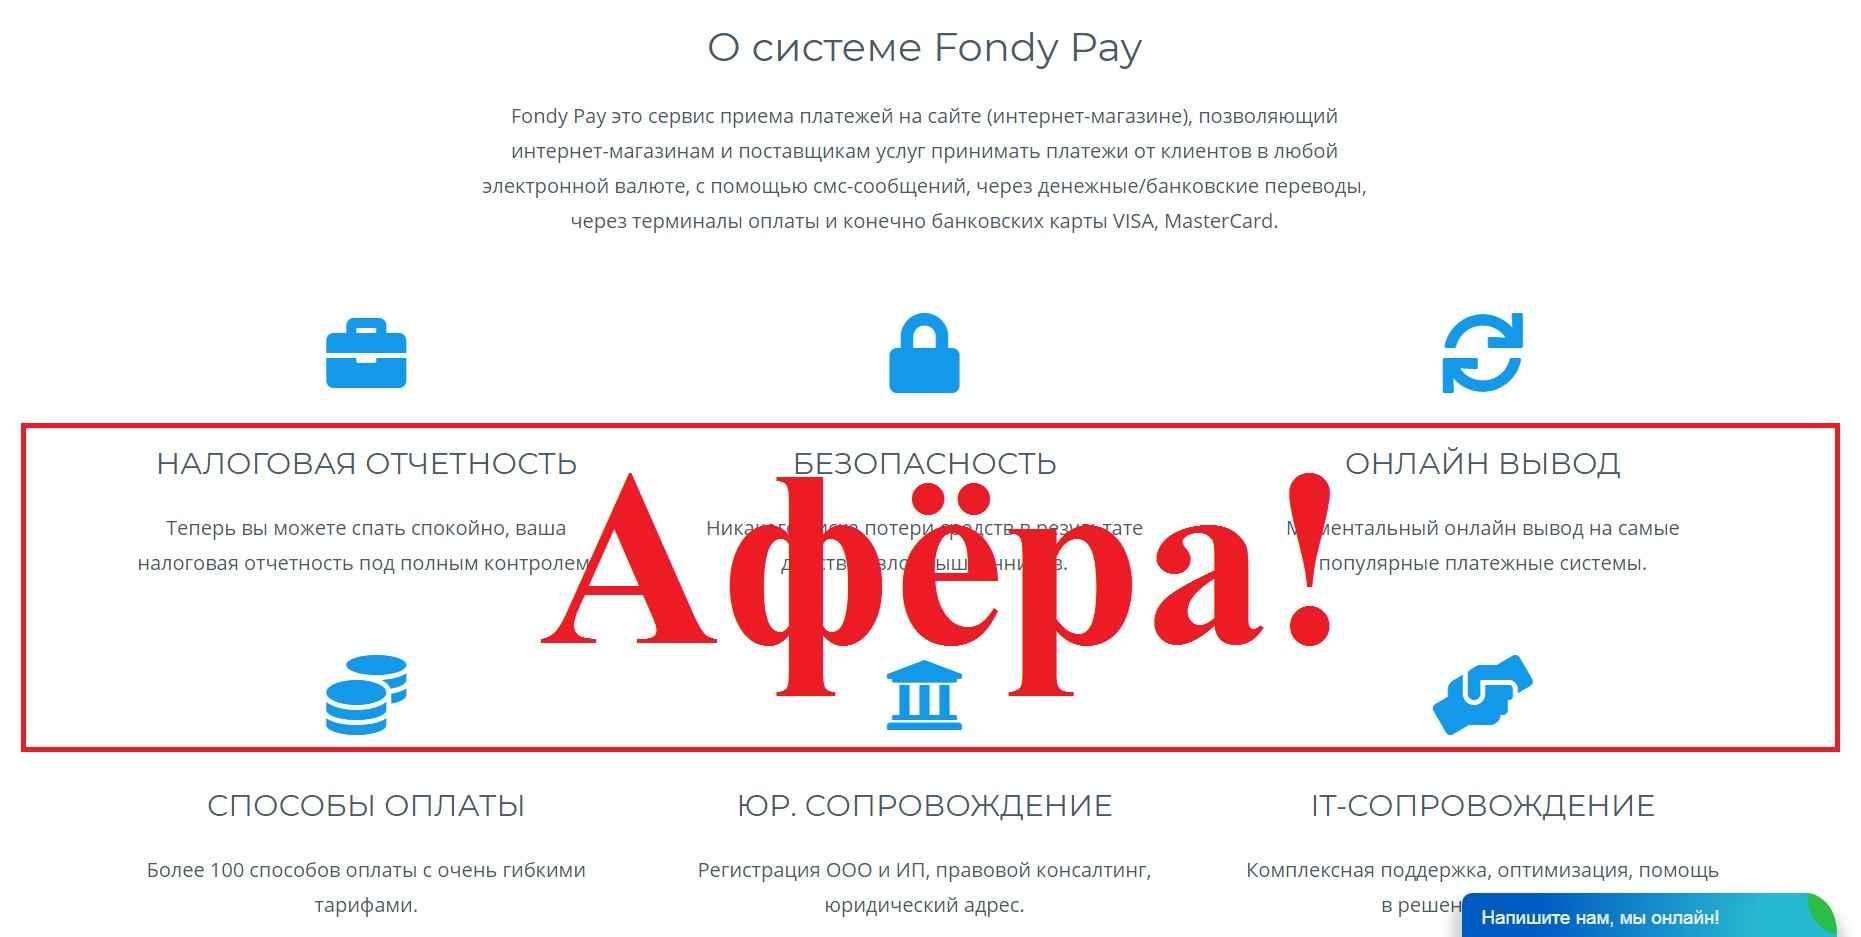 Fondy Pay – сомнительный сервис платежей